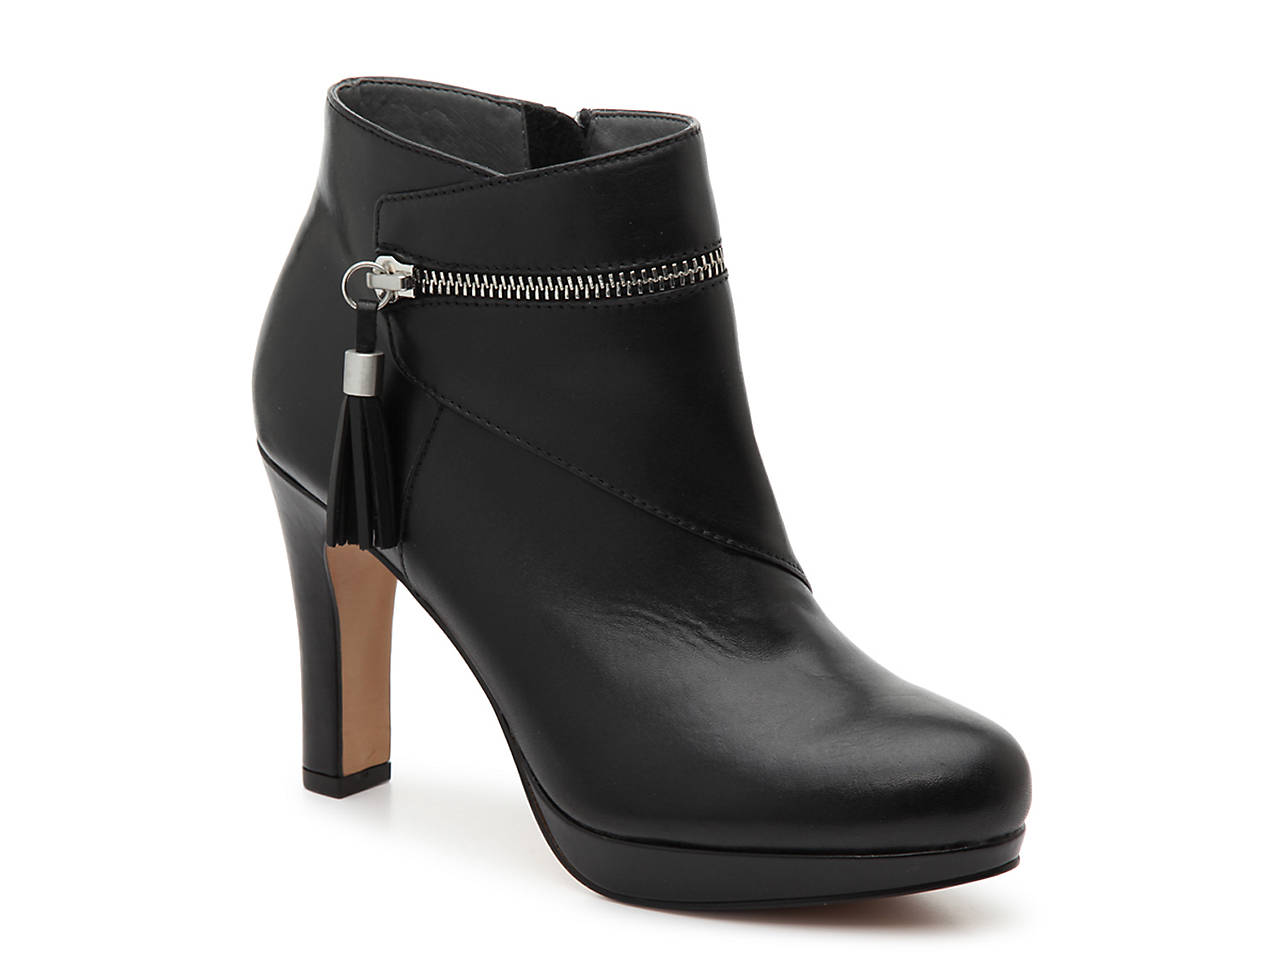 d675a7cd174 Adrienne Vittadini Plake Platform Bootie Women s Shoes